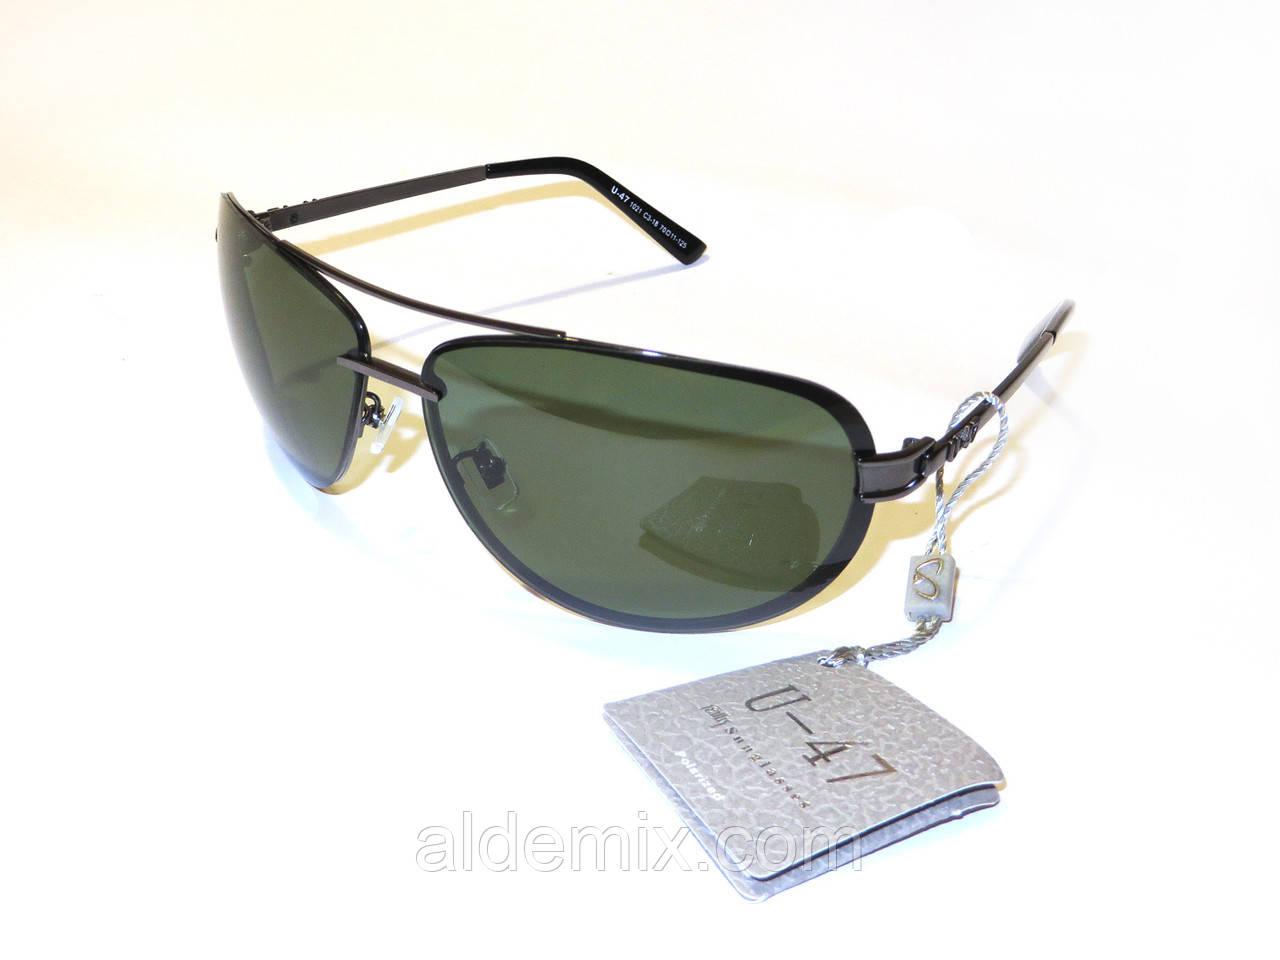 4d20bd993a0f Мужские солнцезащитные очки купить - Интернет-магазин